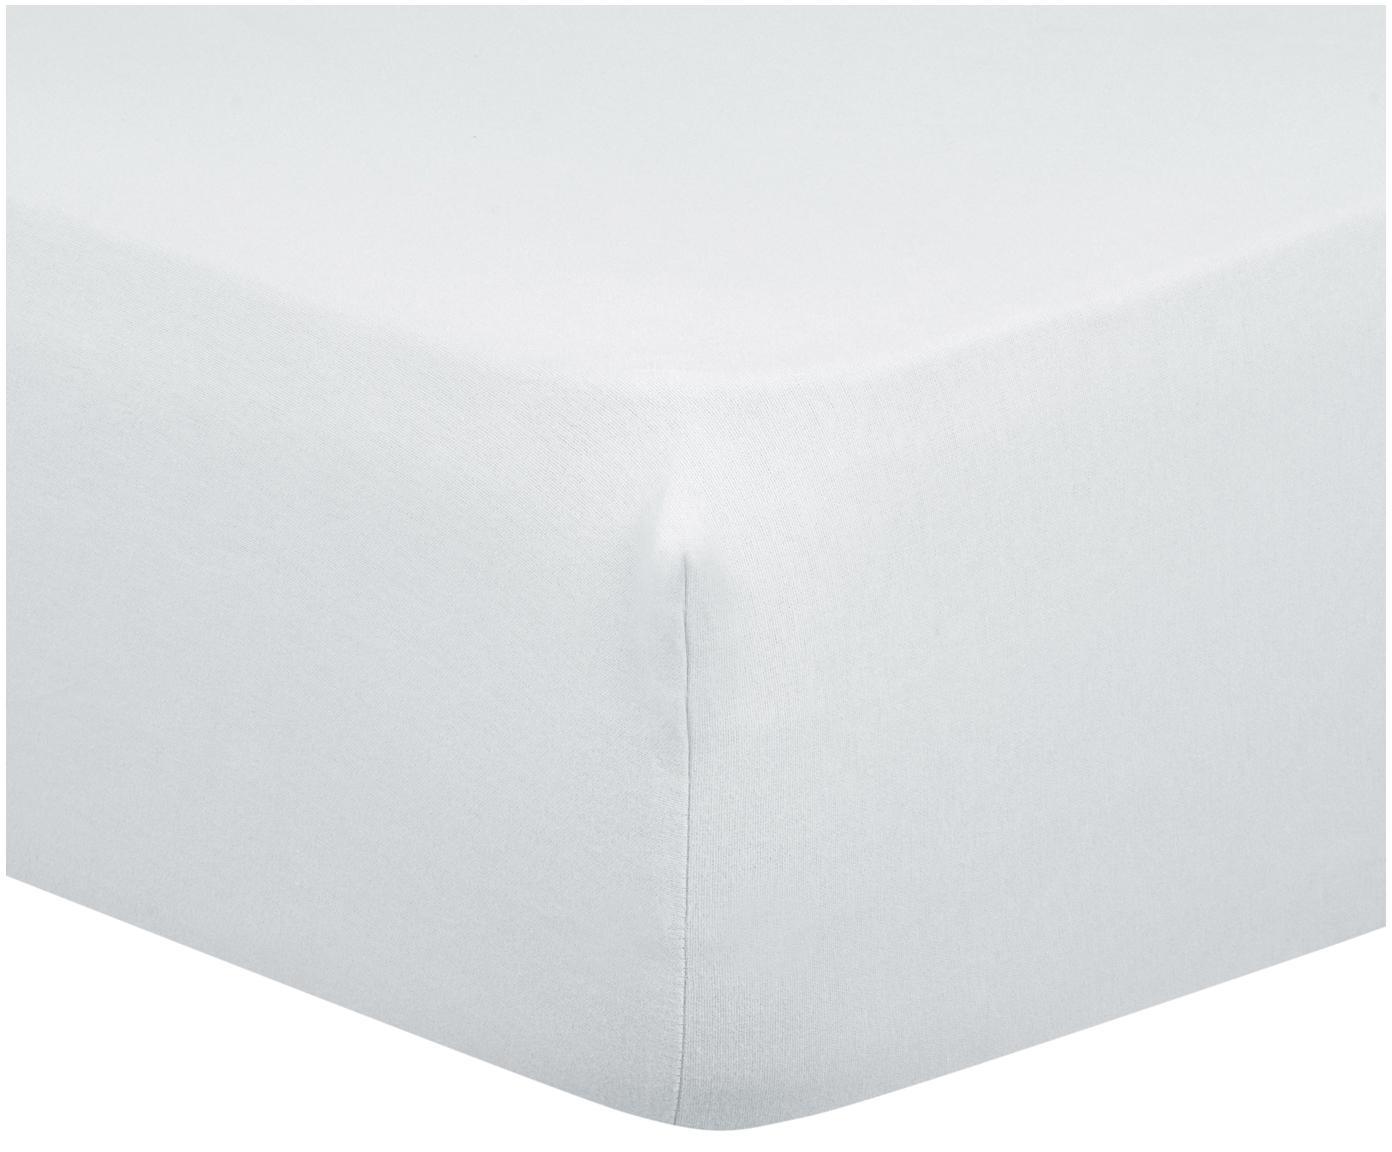 Hoeslaken Biba, flanel, Weeftechniek: flanel, Lichtgrijs, 90 x 200 cm